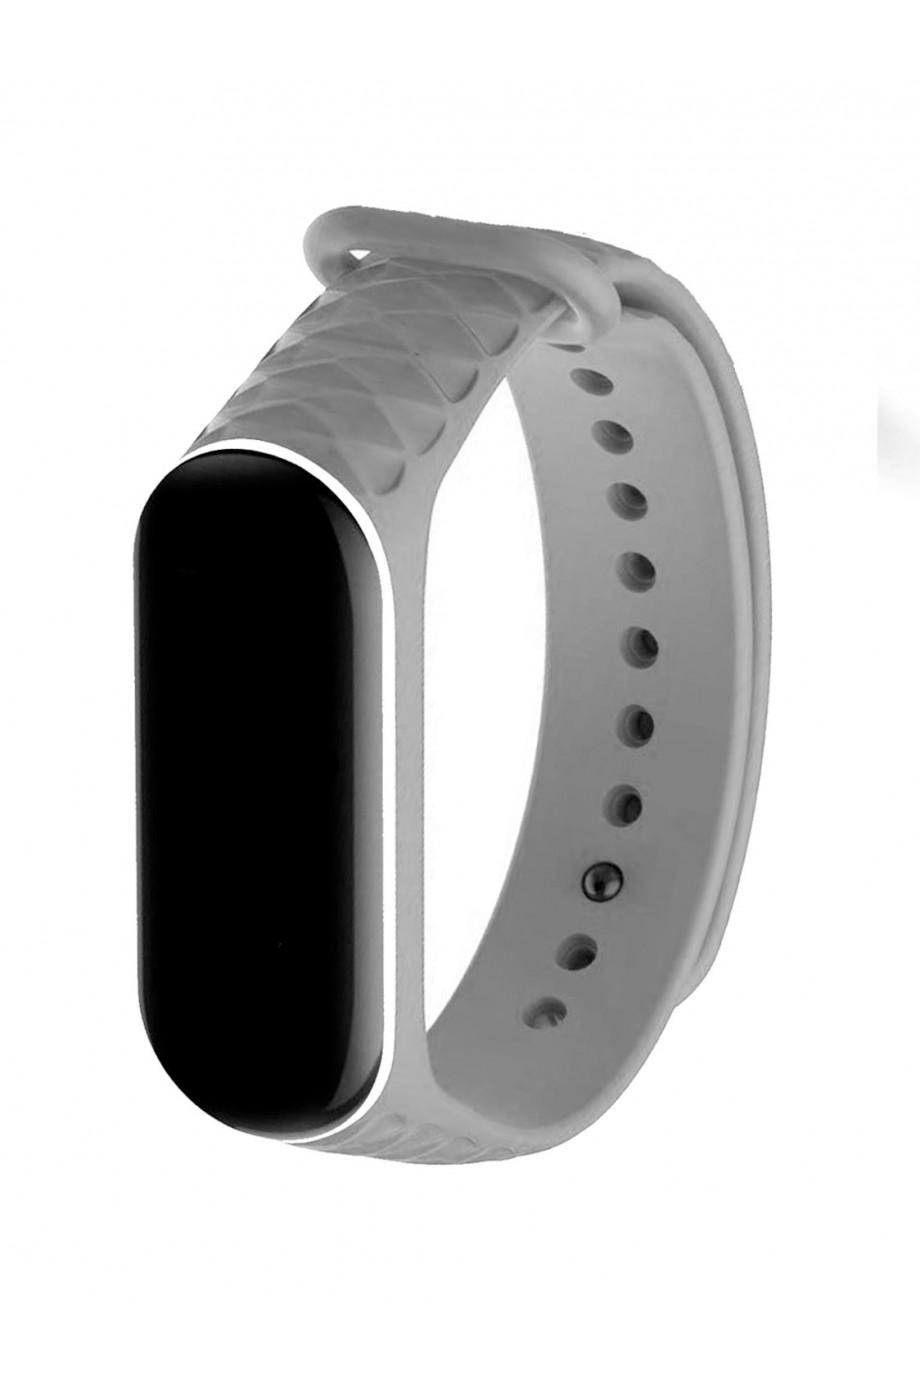 Силиконовый ремешок для Xiaomi Mi Band 3, ребристый, серый с белой окантовкой